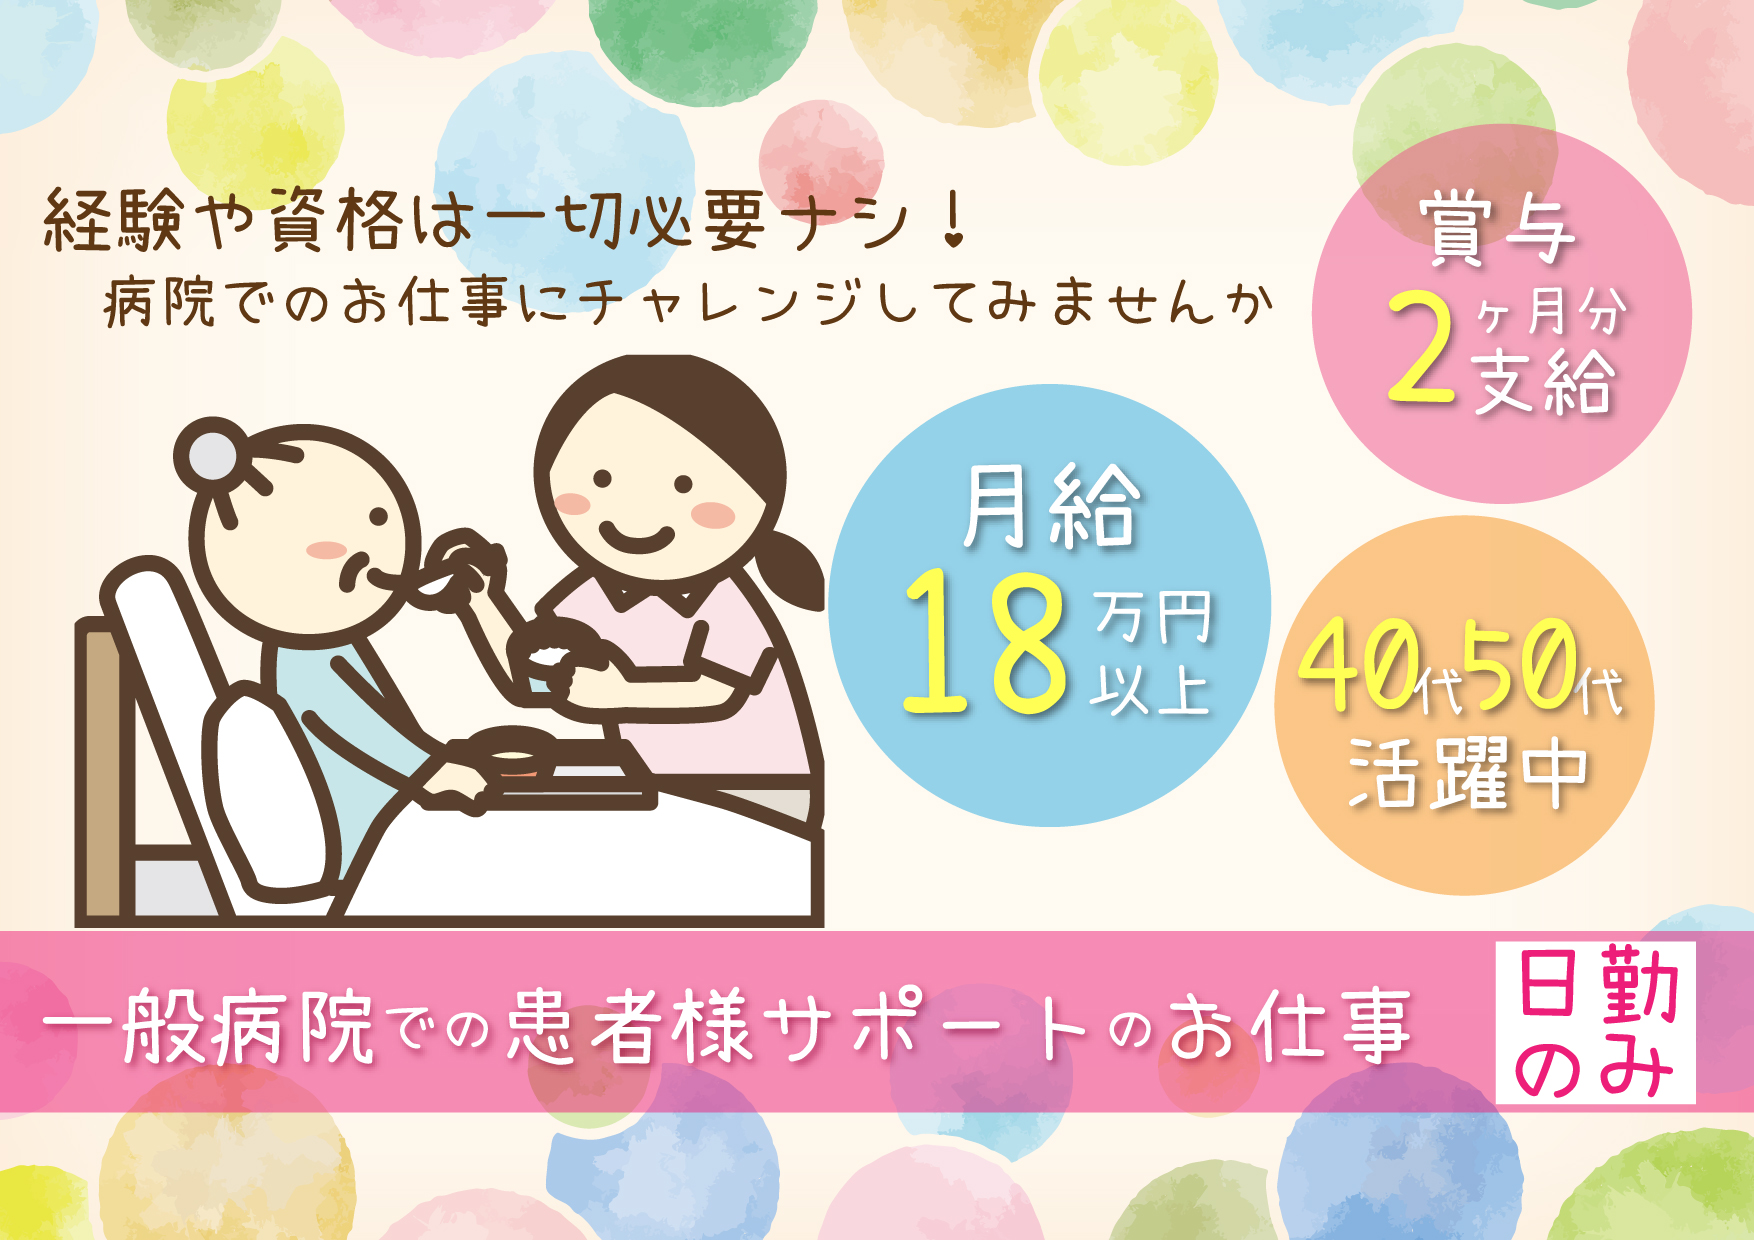 【本庄市】《嬉しい日勤のみ》正社員★月給18万円+賞与2ヶ月分★病棟での患者様サポート業務 イメージ